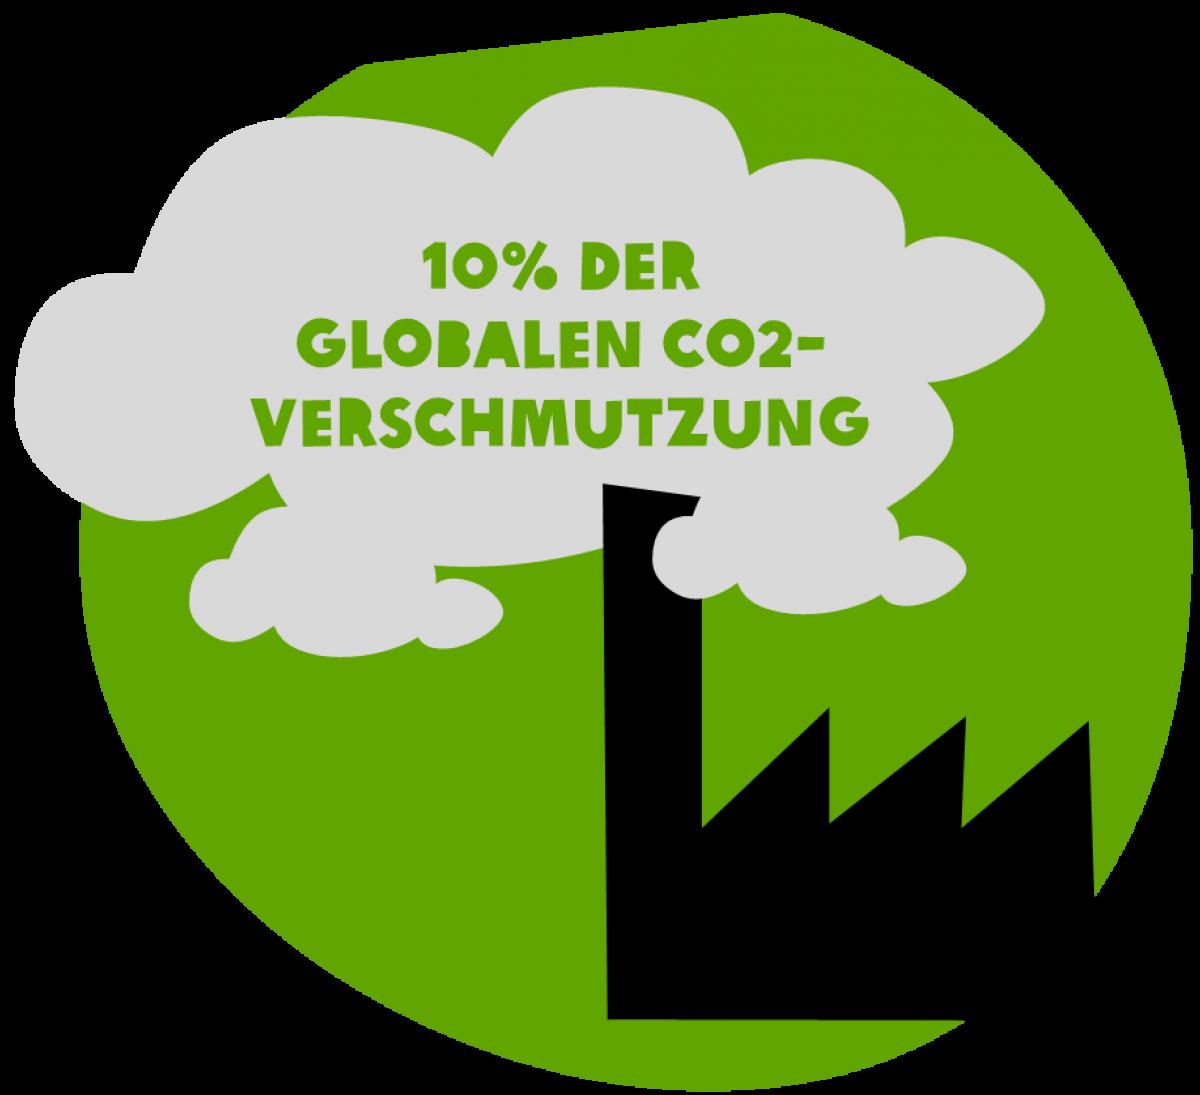 10% der Co2-Verschmutzung